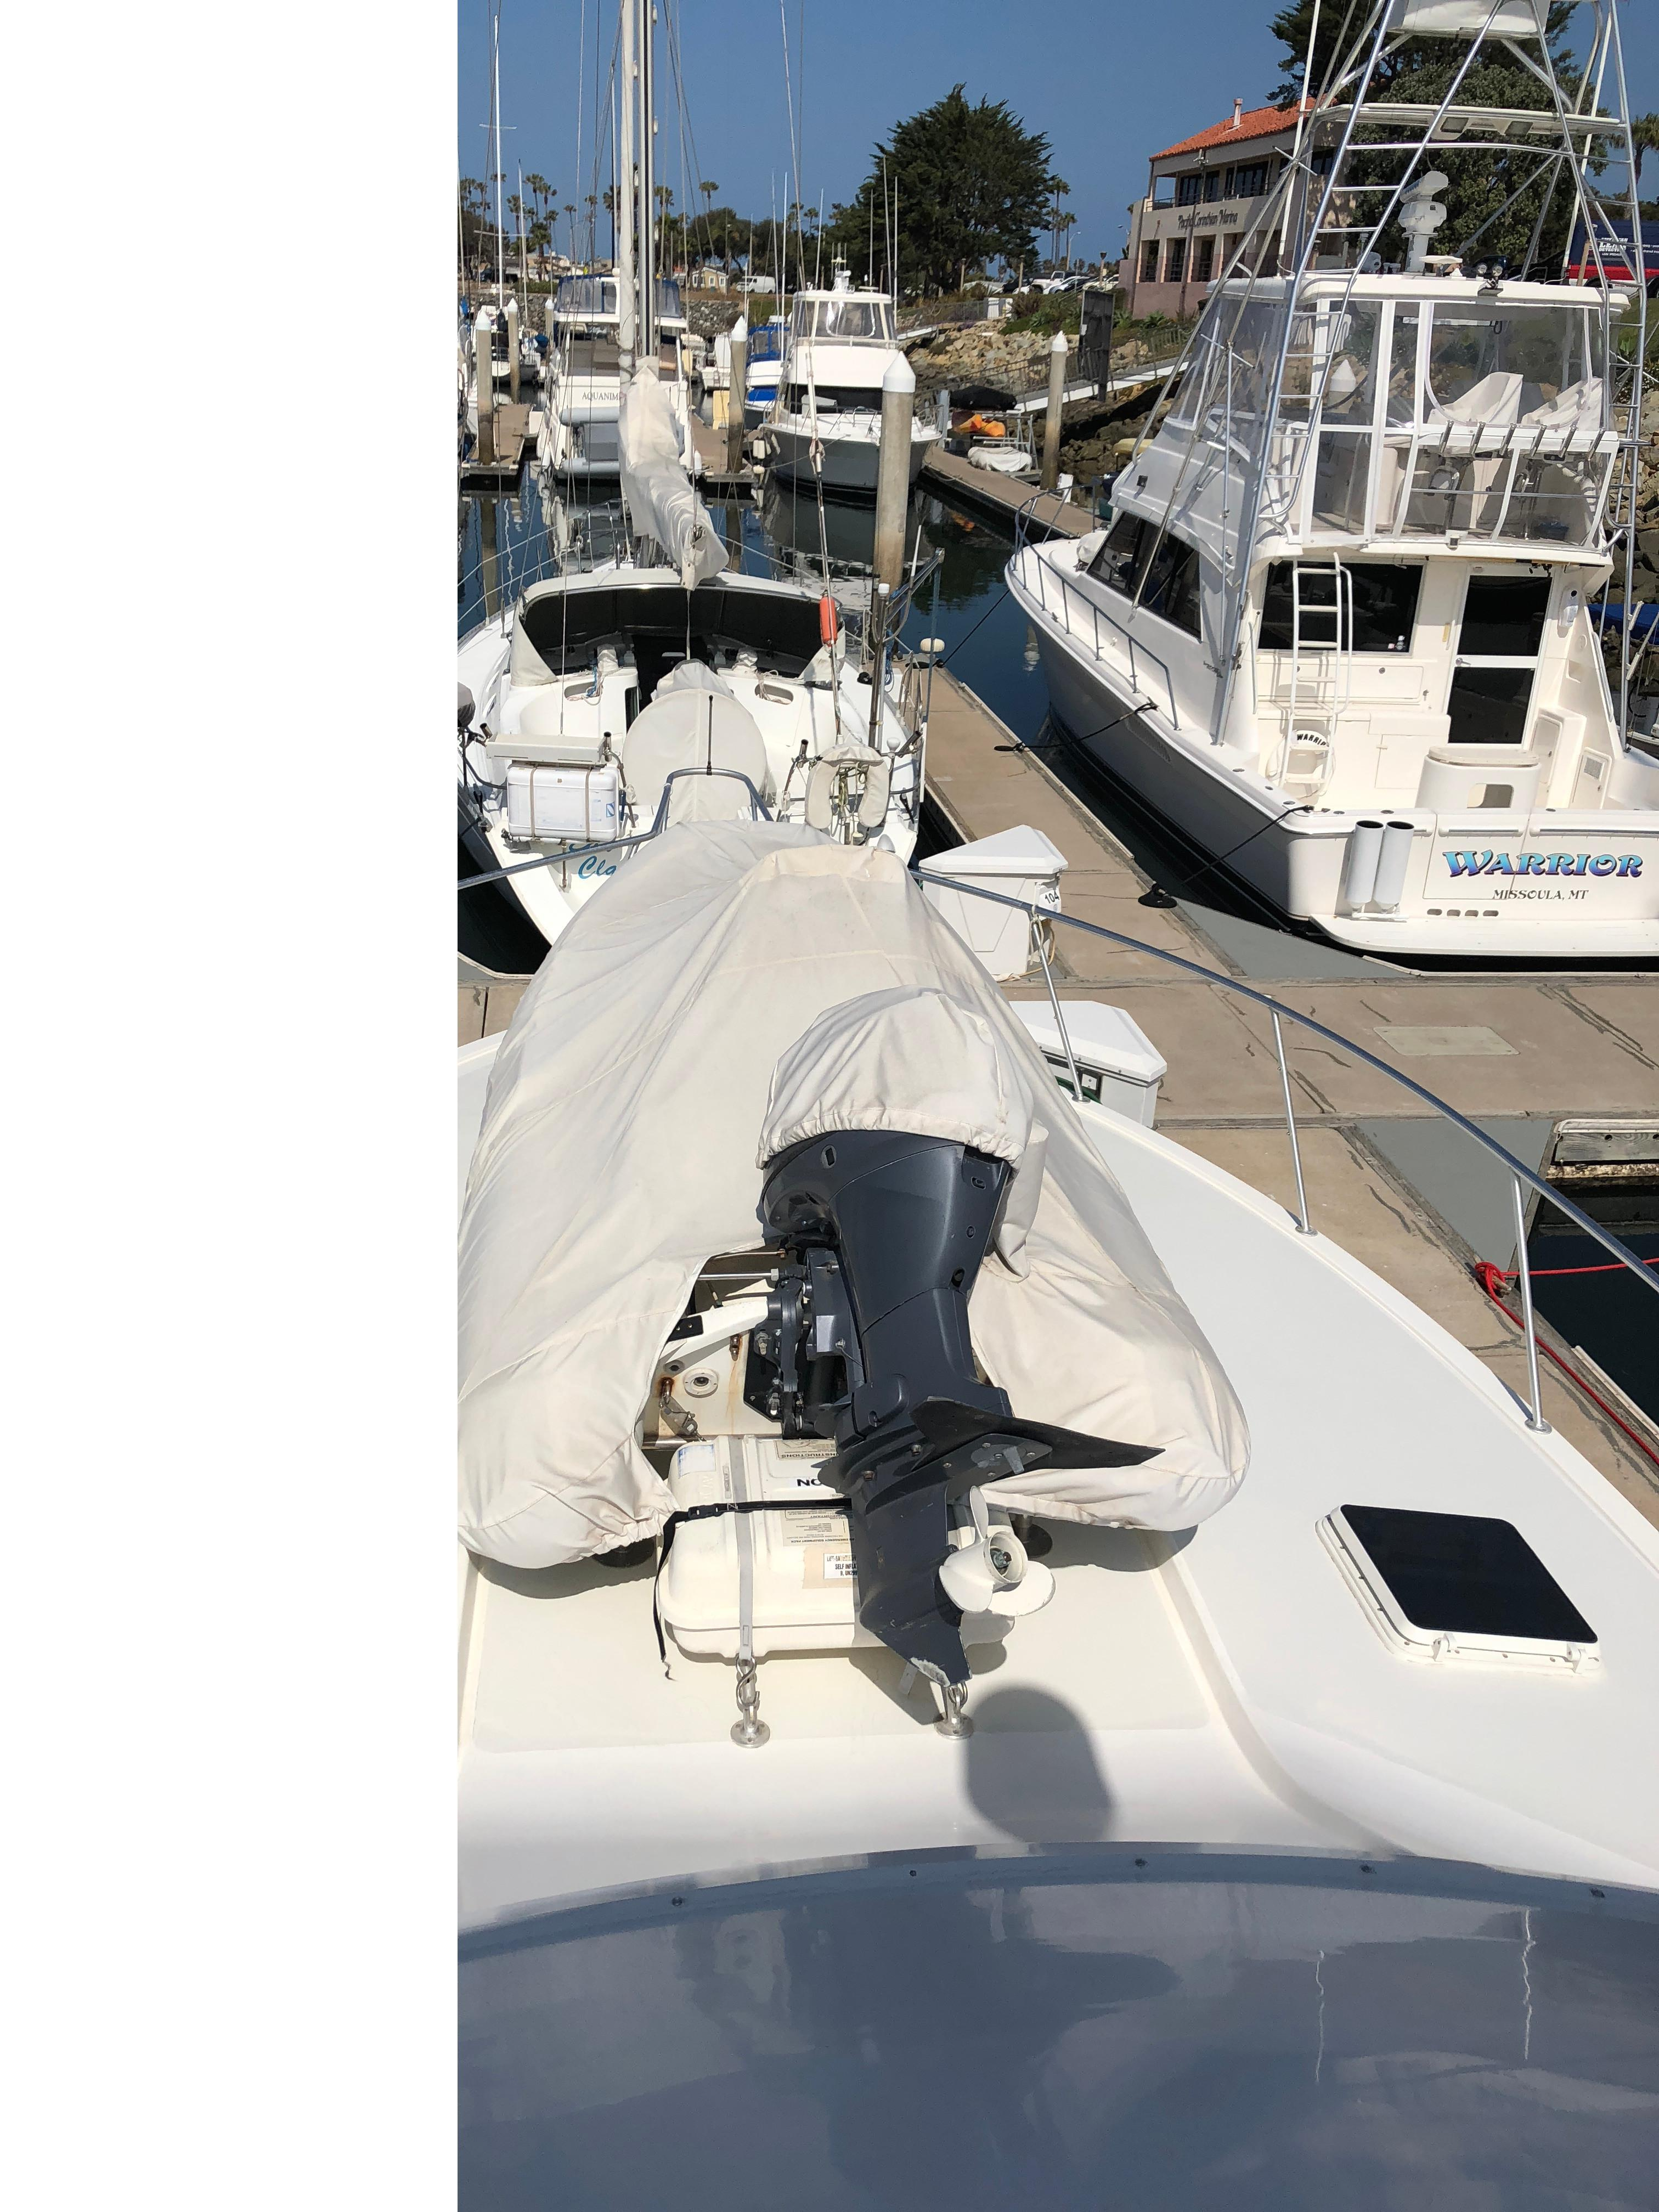 50' Bertram 50 Convertible Sport Fisherman 1990 | Seacoast Yachts